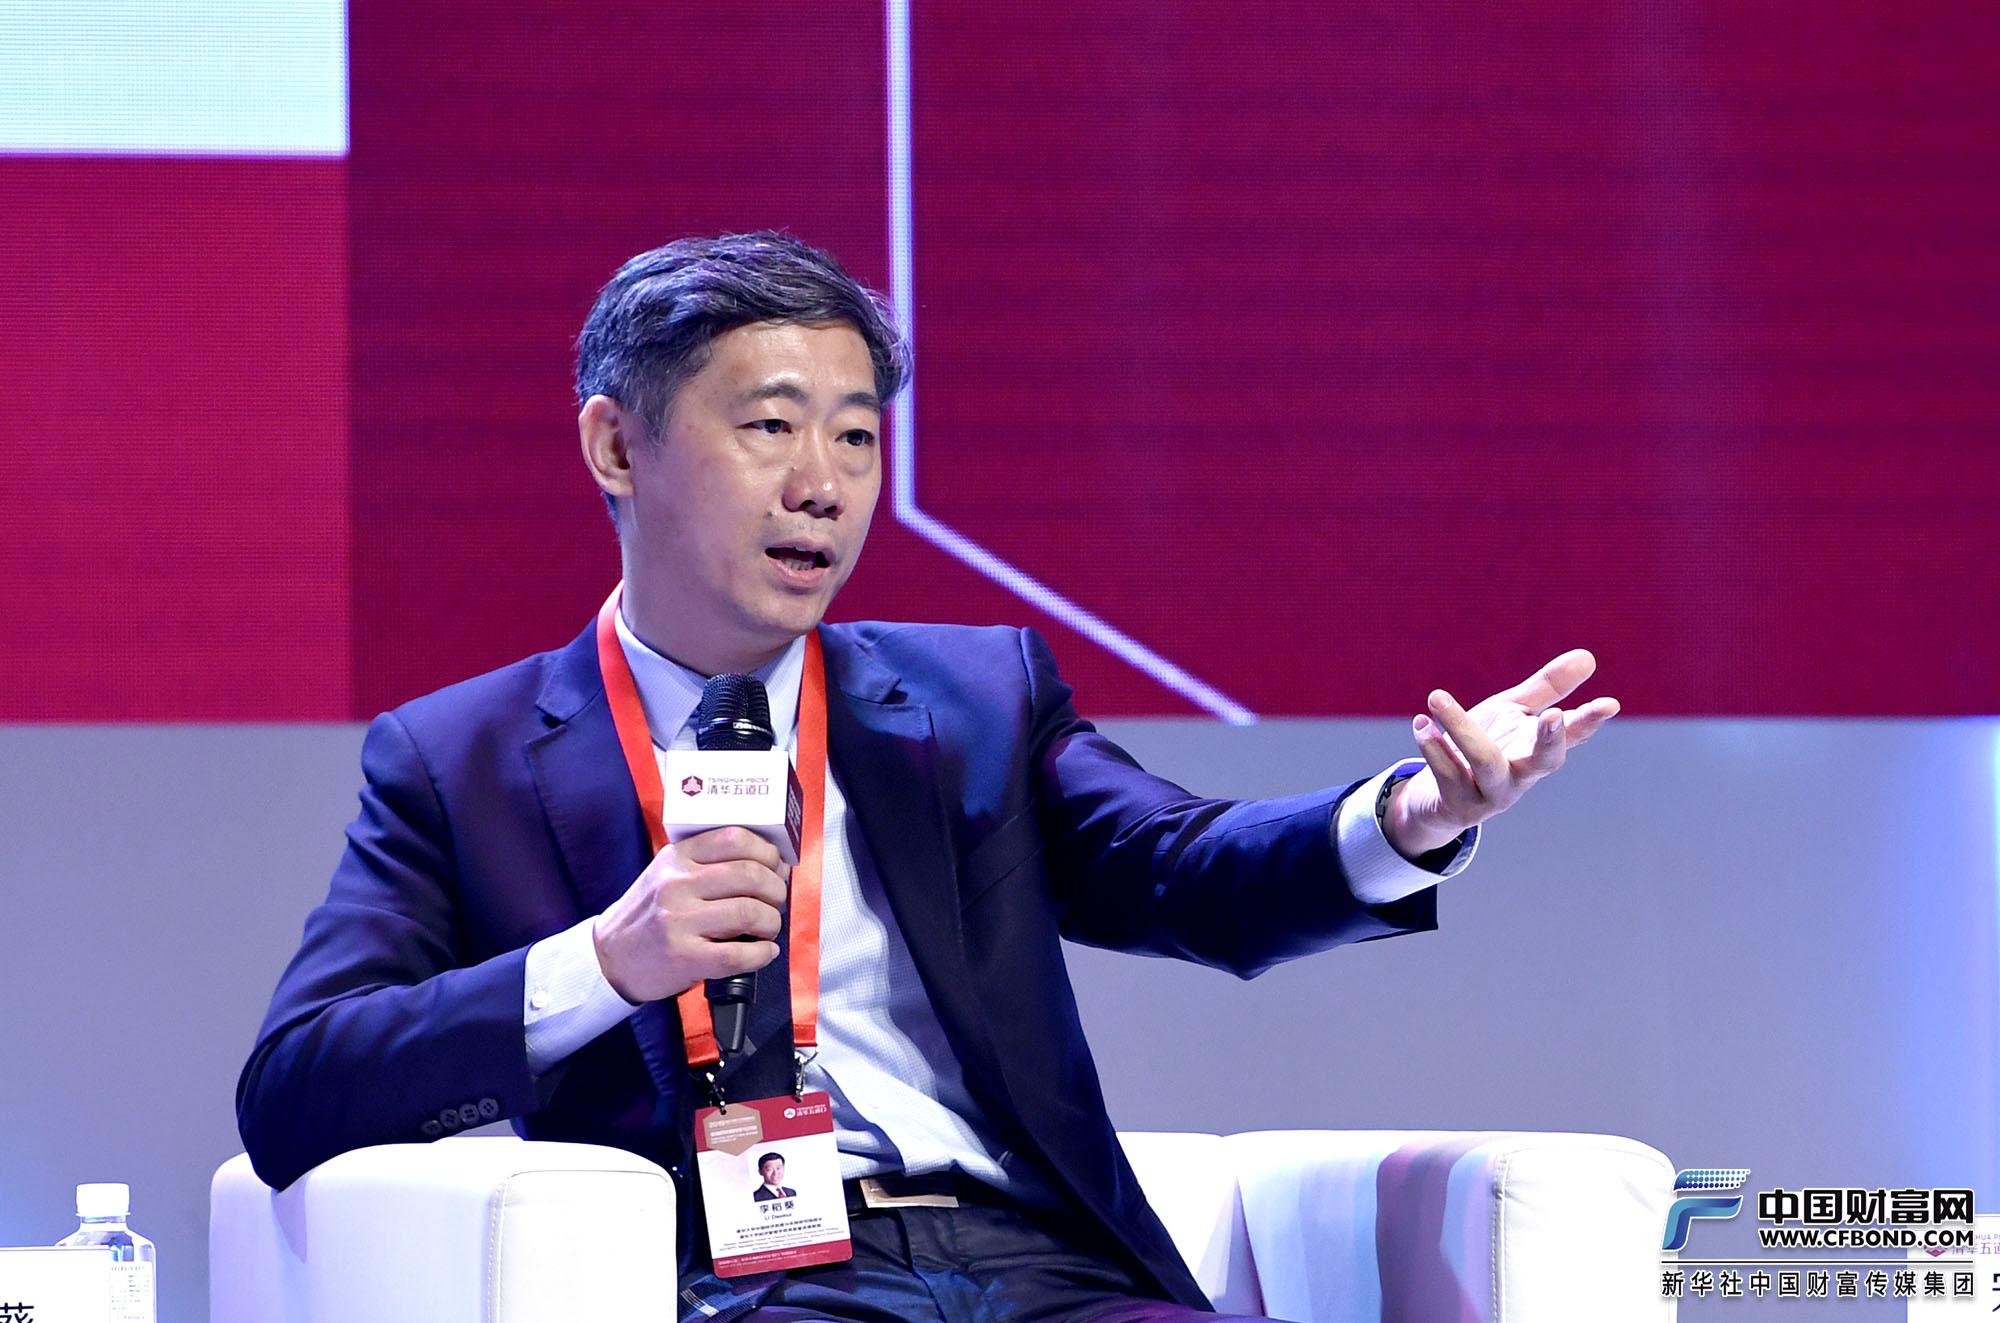 演讲嘉宾:清华大学中国经济思想与实践研究院院长李稻葵